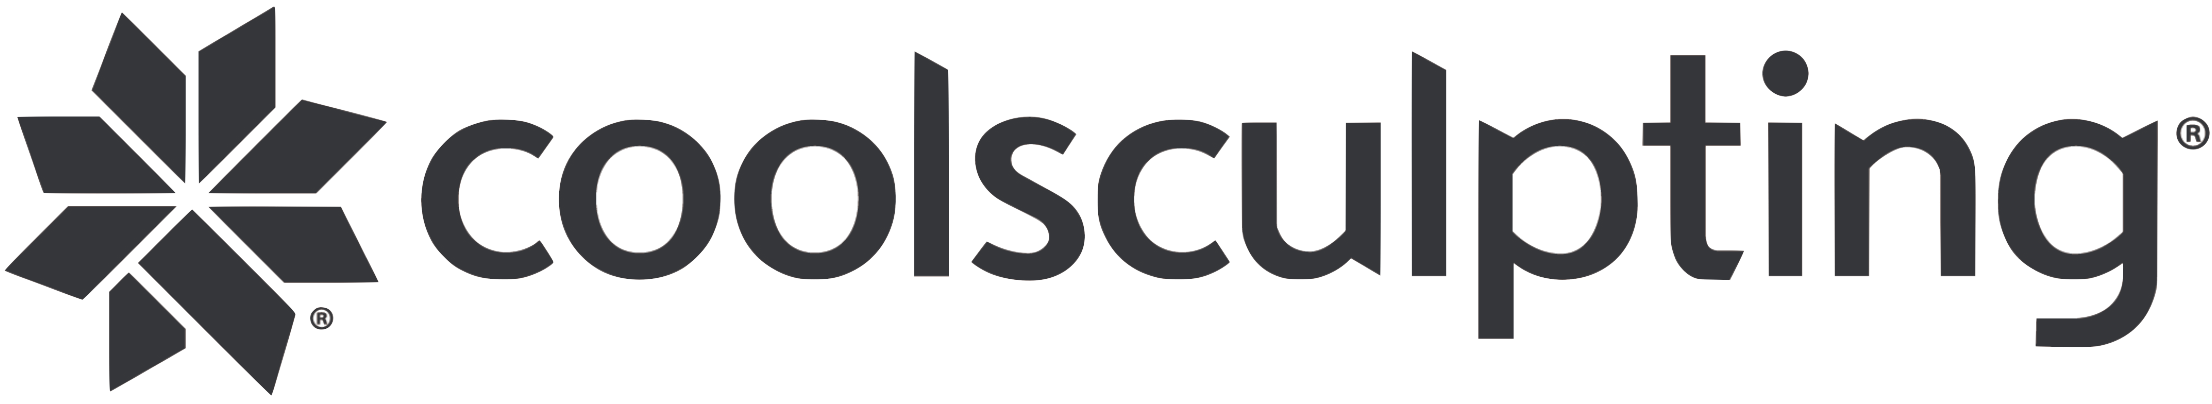 Coolsculpting-logo.png